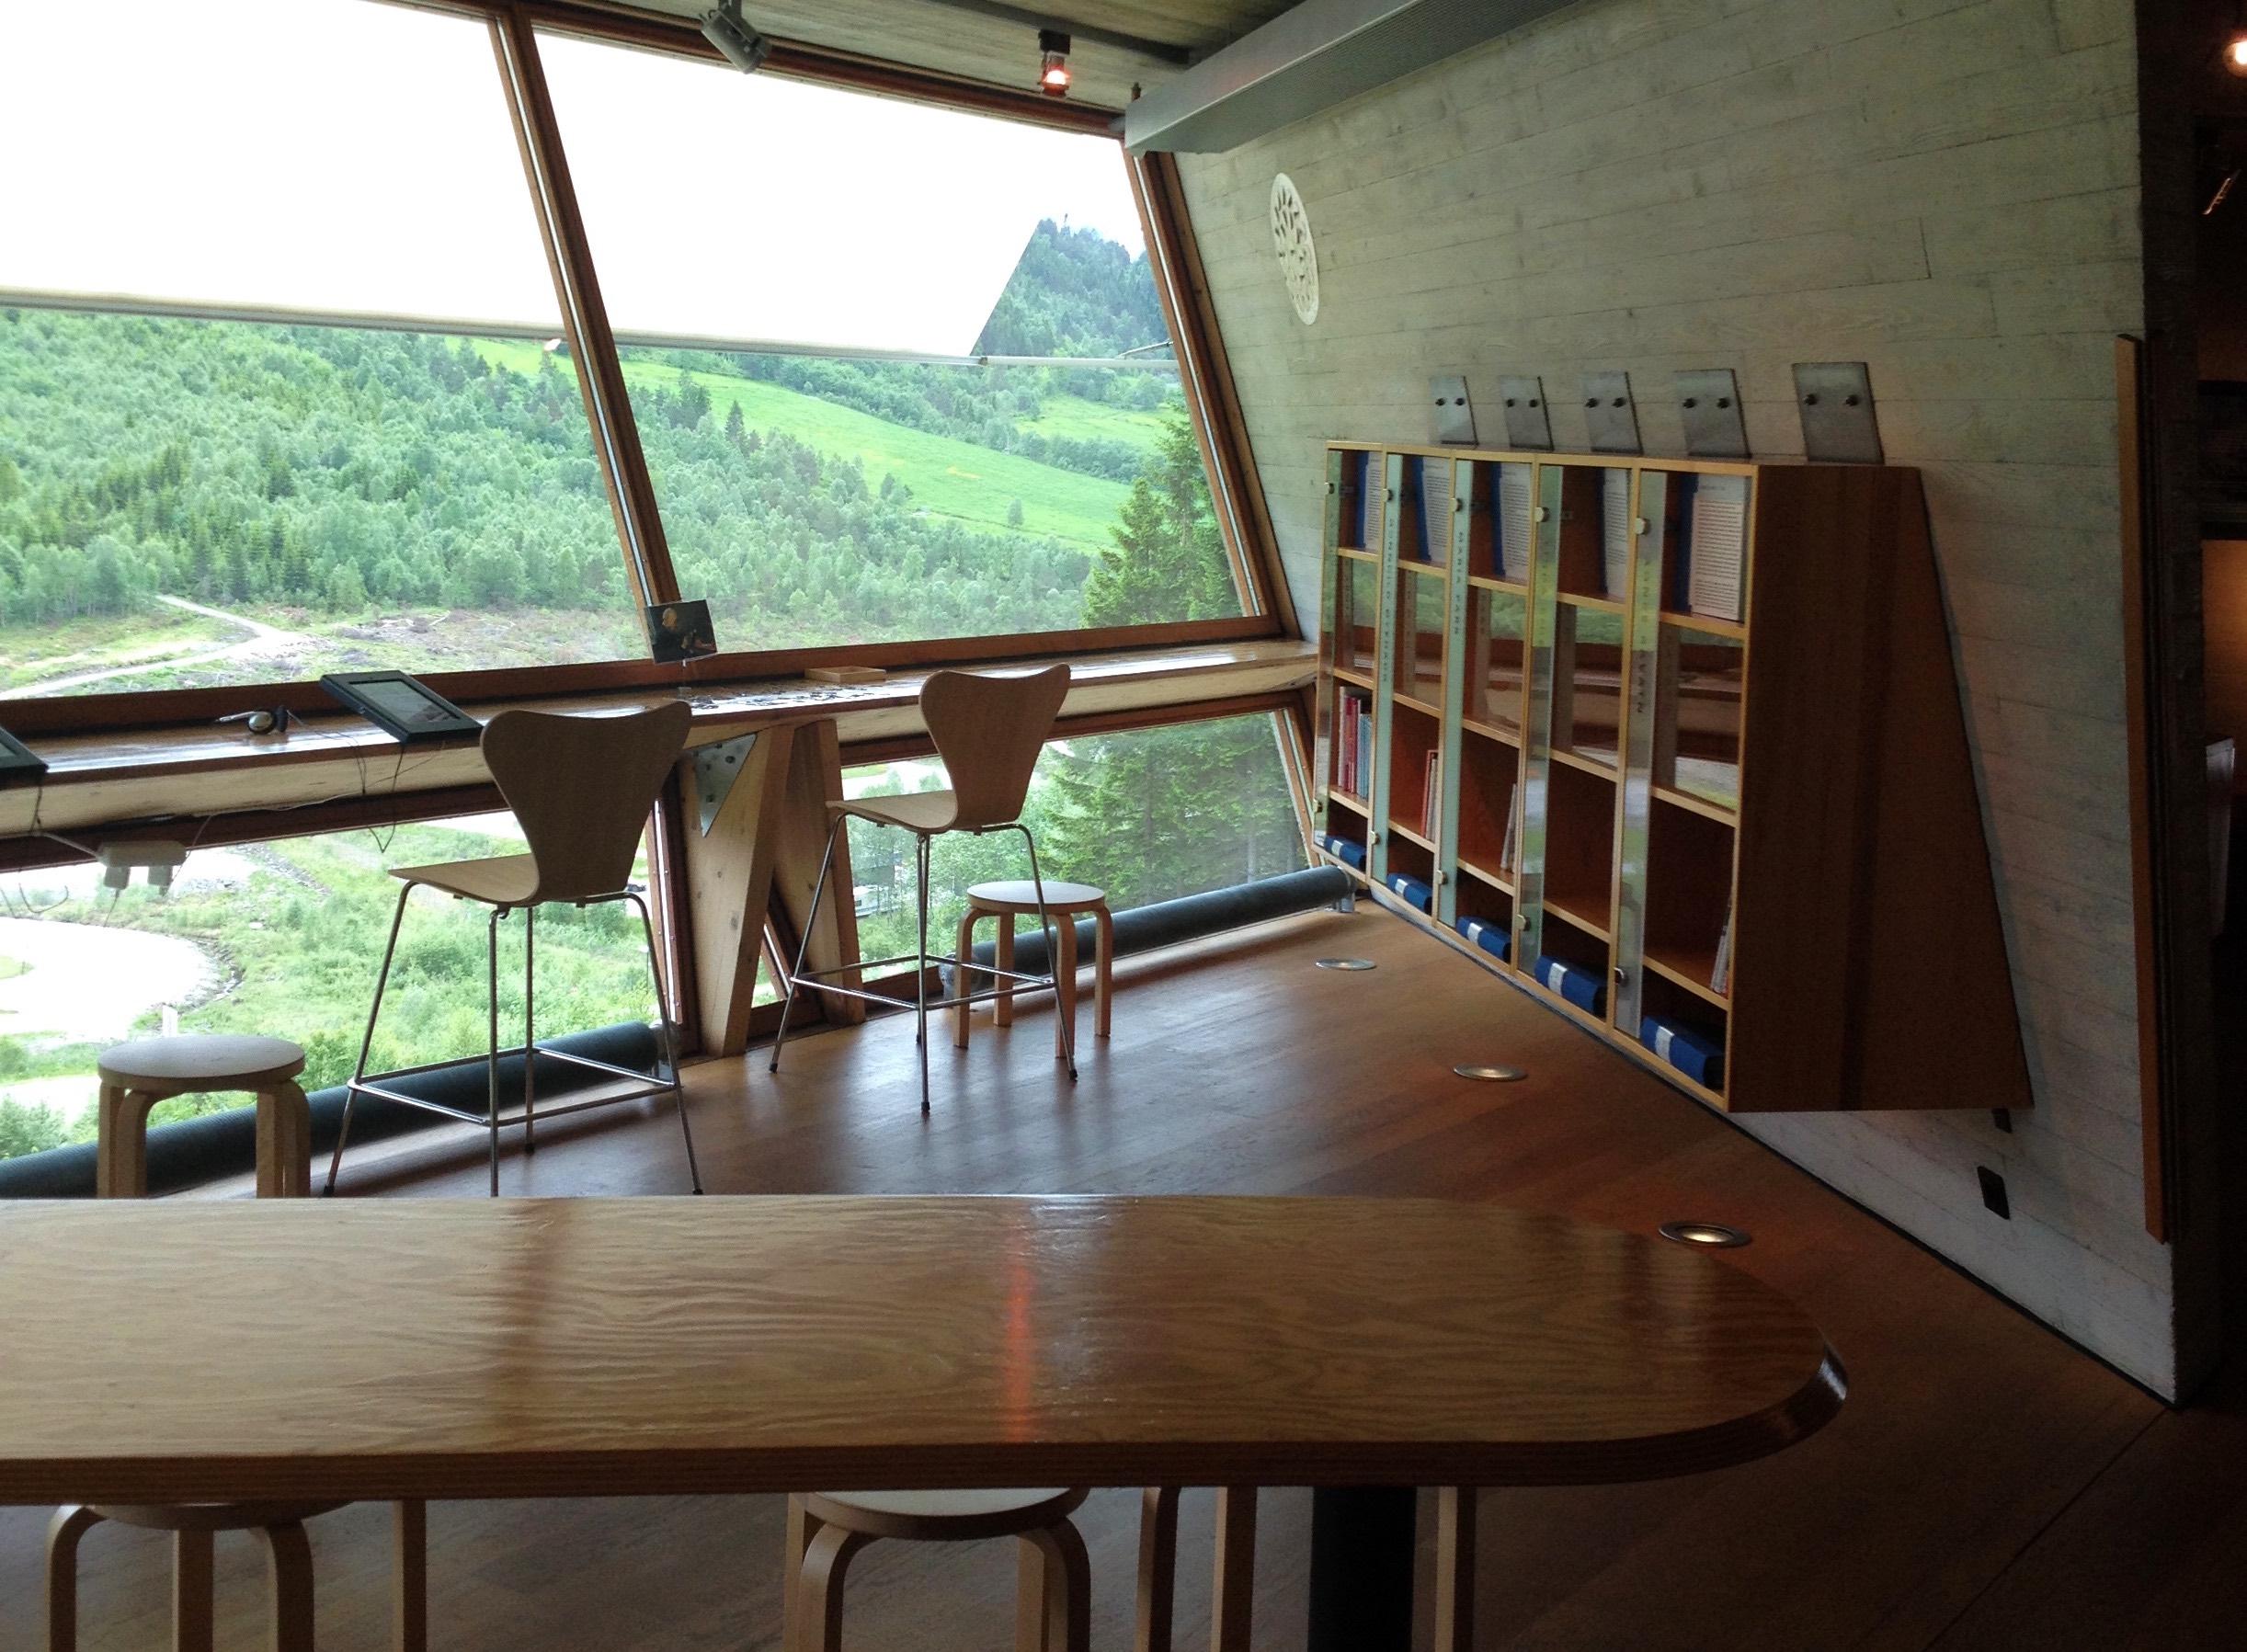 Kontormiljø med stort bord i forgrunden og et højere bord ved vinduet med udsigt ud over et grønt landskab.